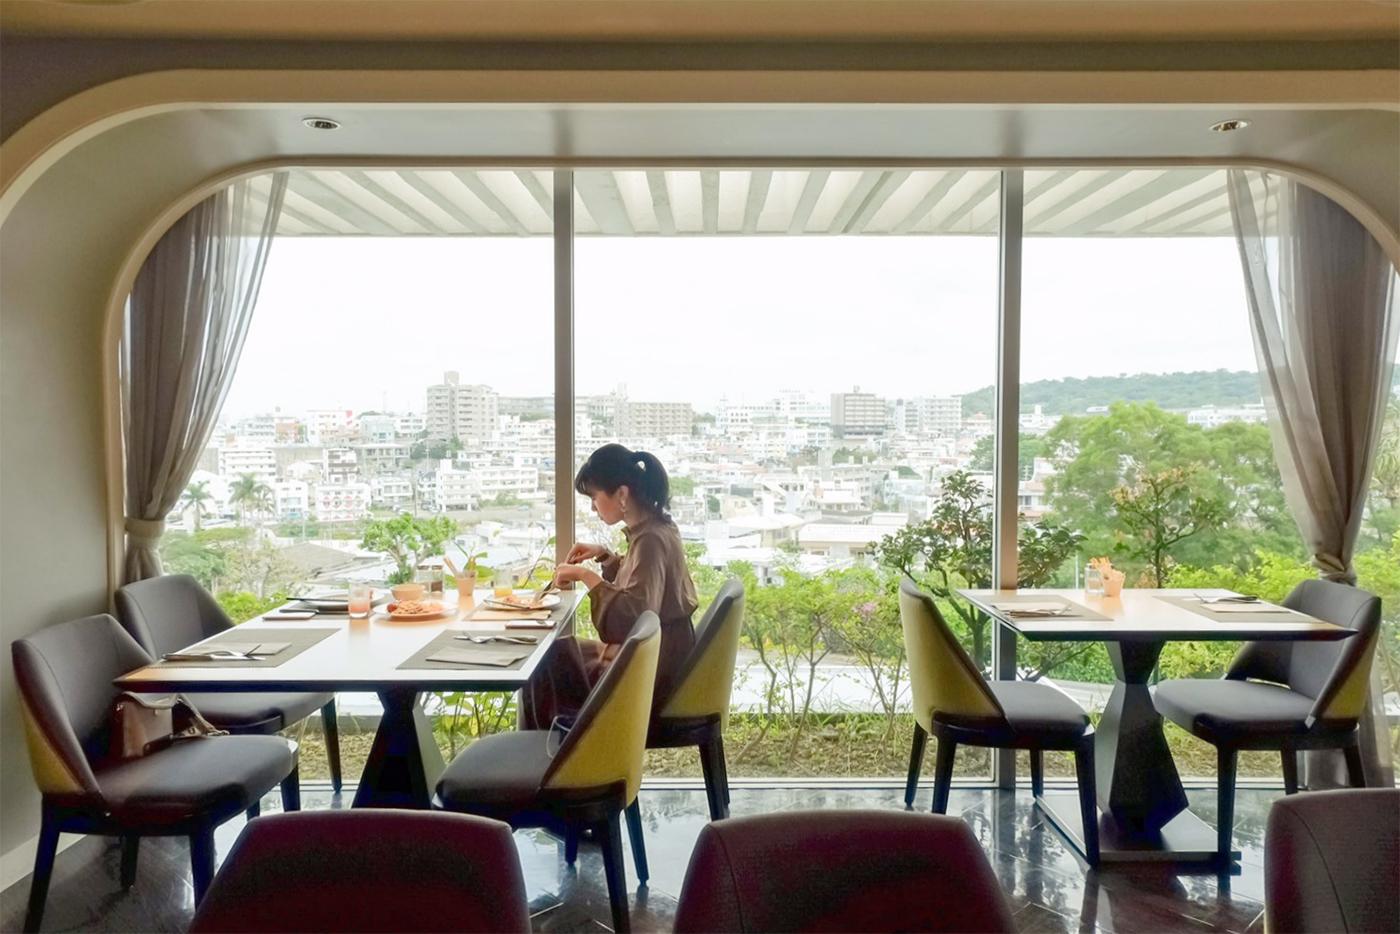 5月 6月 格安 沖縄 旅行 安い 時期 ツアー 観光